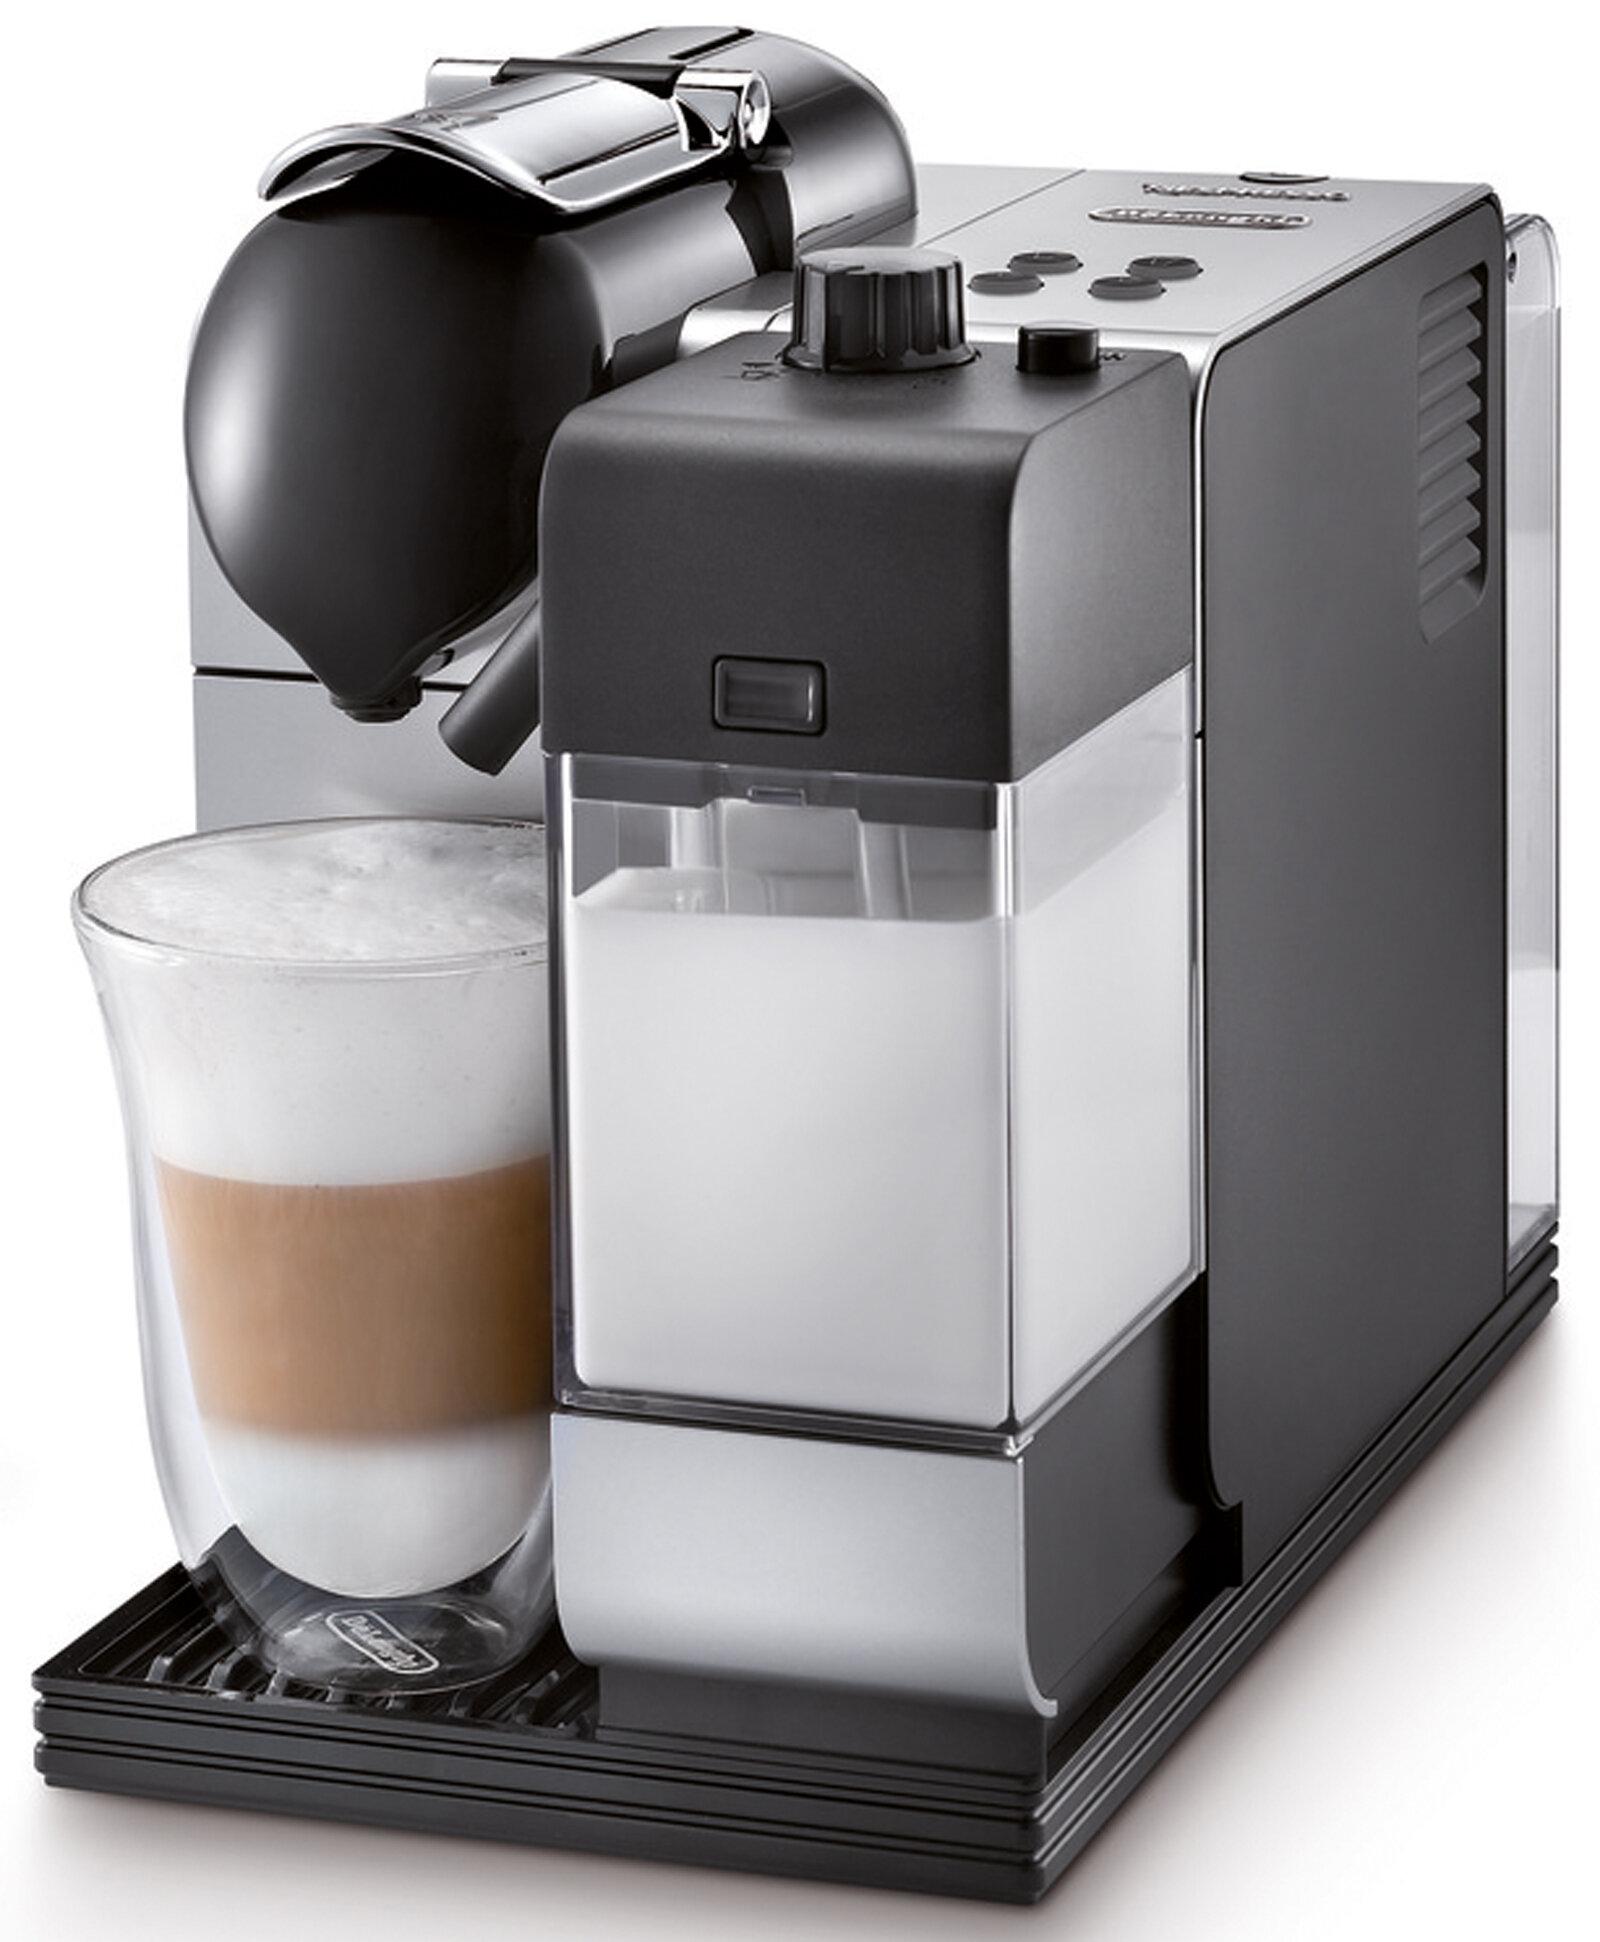 Nespresso Lattissima Espresso Machine With Aeroccino Milk Frother By Delonghi